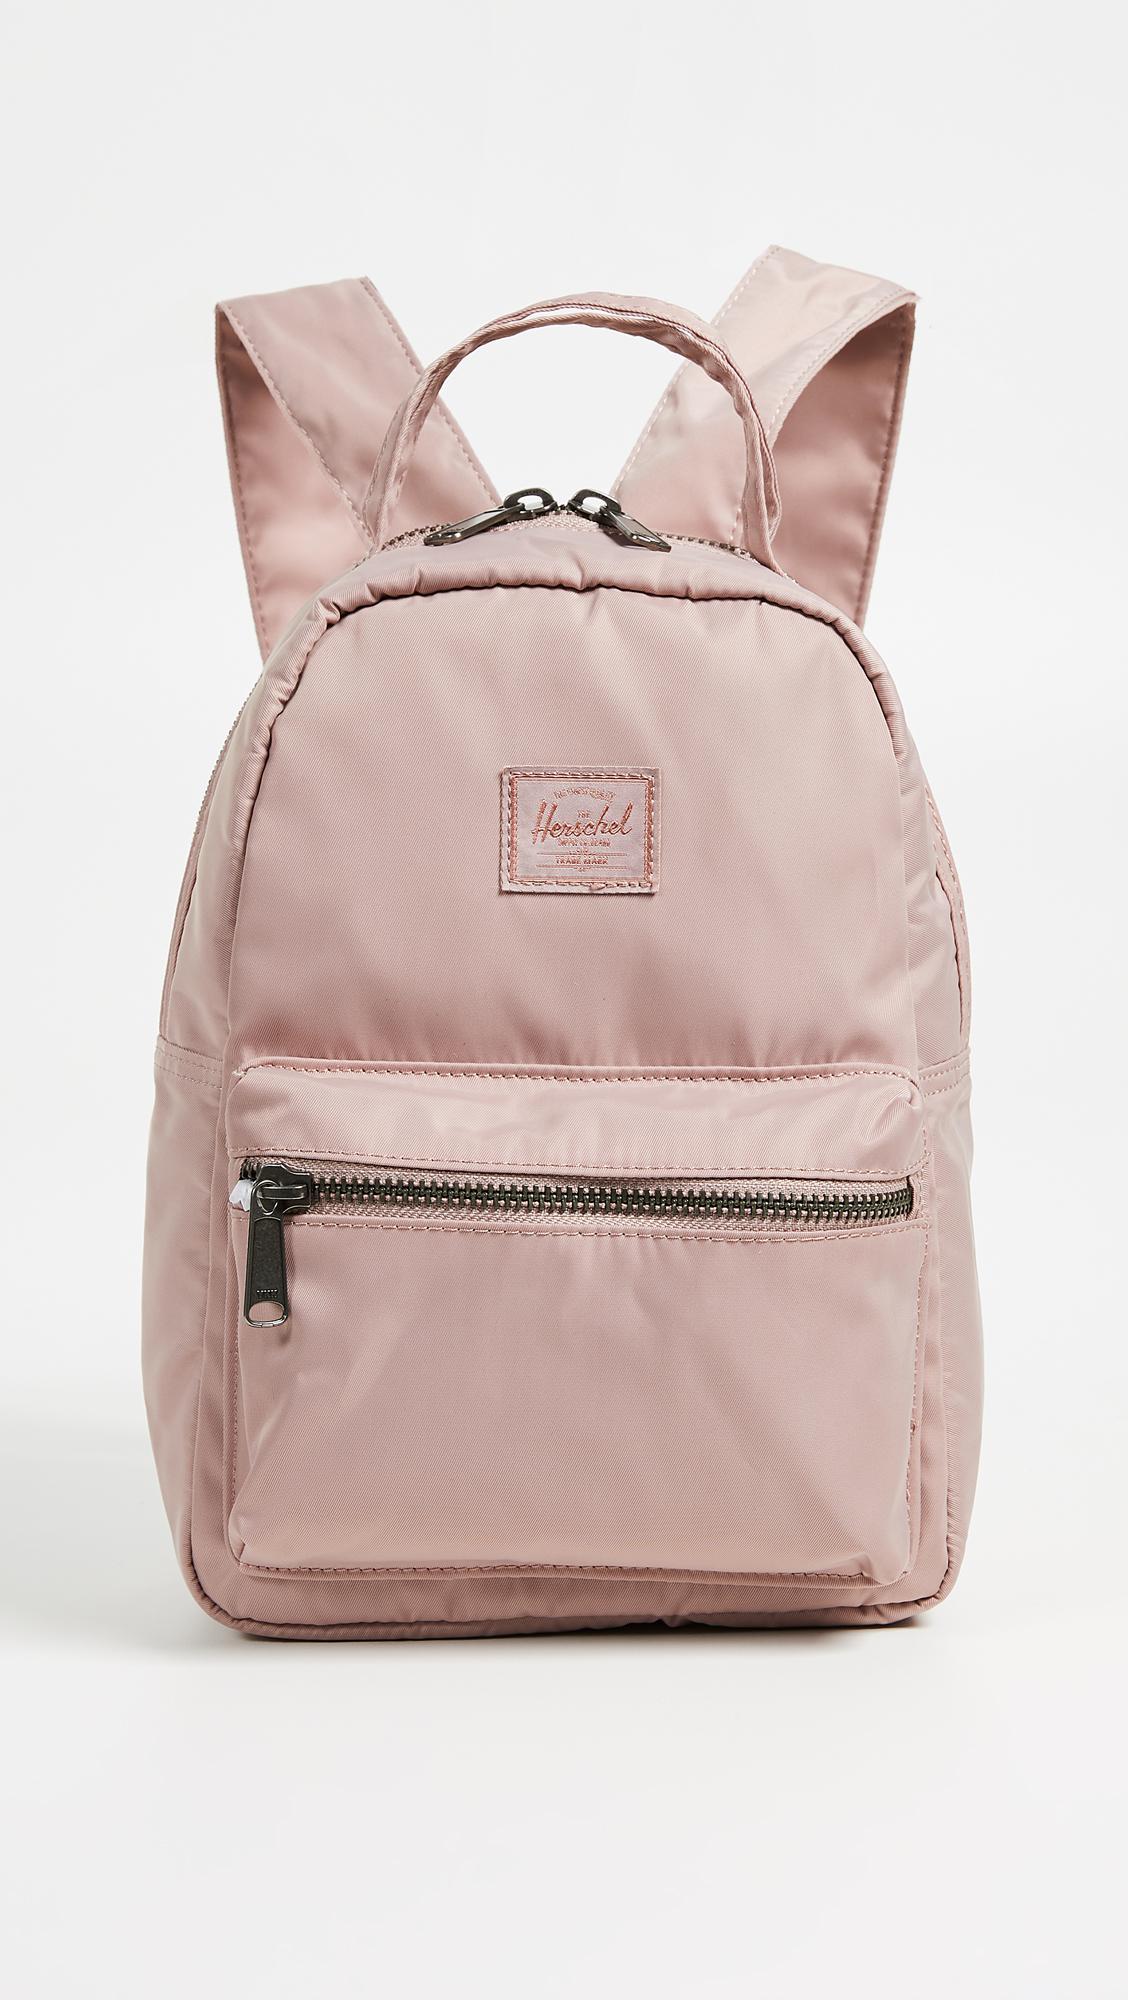 fceea62f48b2 Herschel Supply Co. Flight Nova Mini Backpack - Save 29% - Lyst